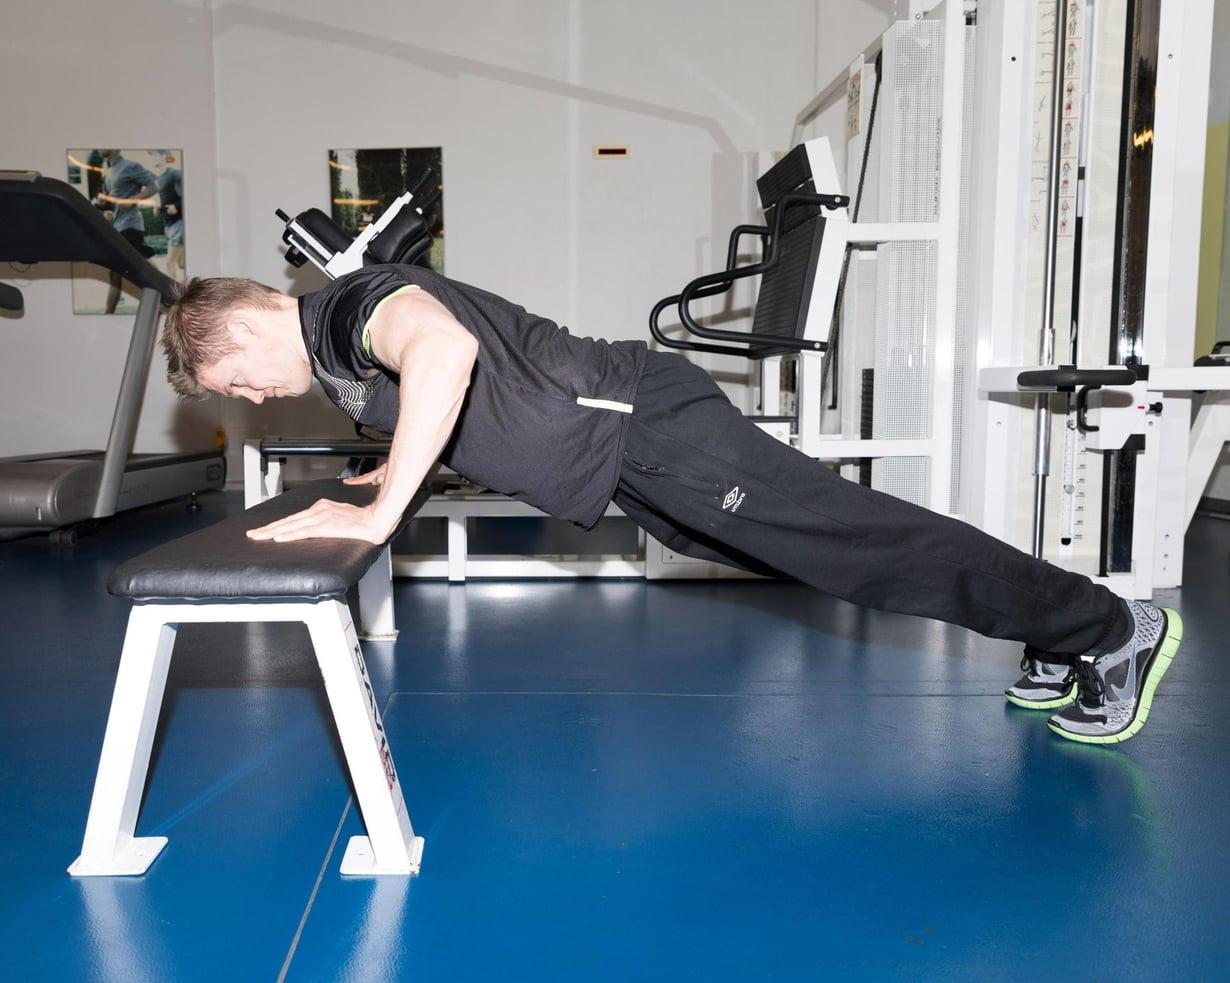 Treeni tallentaa lihaksiin tulevan kasvun varantoja. Kuva: Vilma Rimpelä